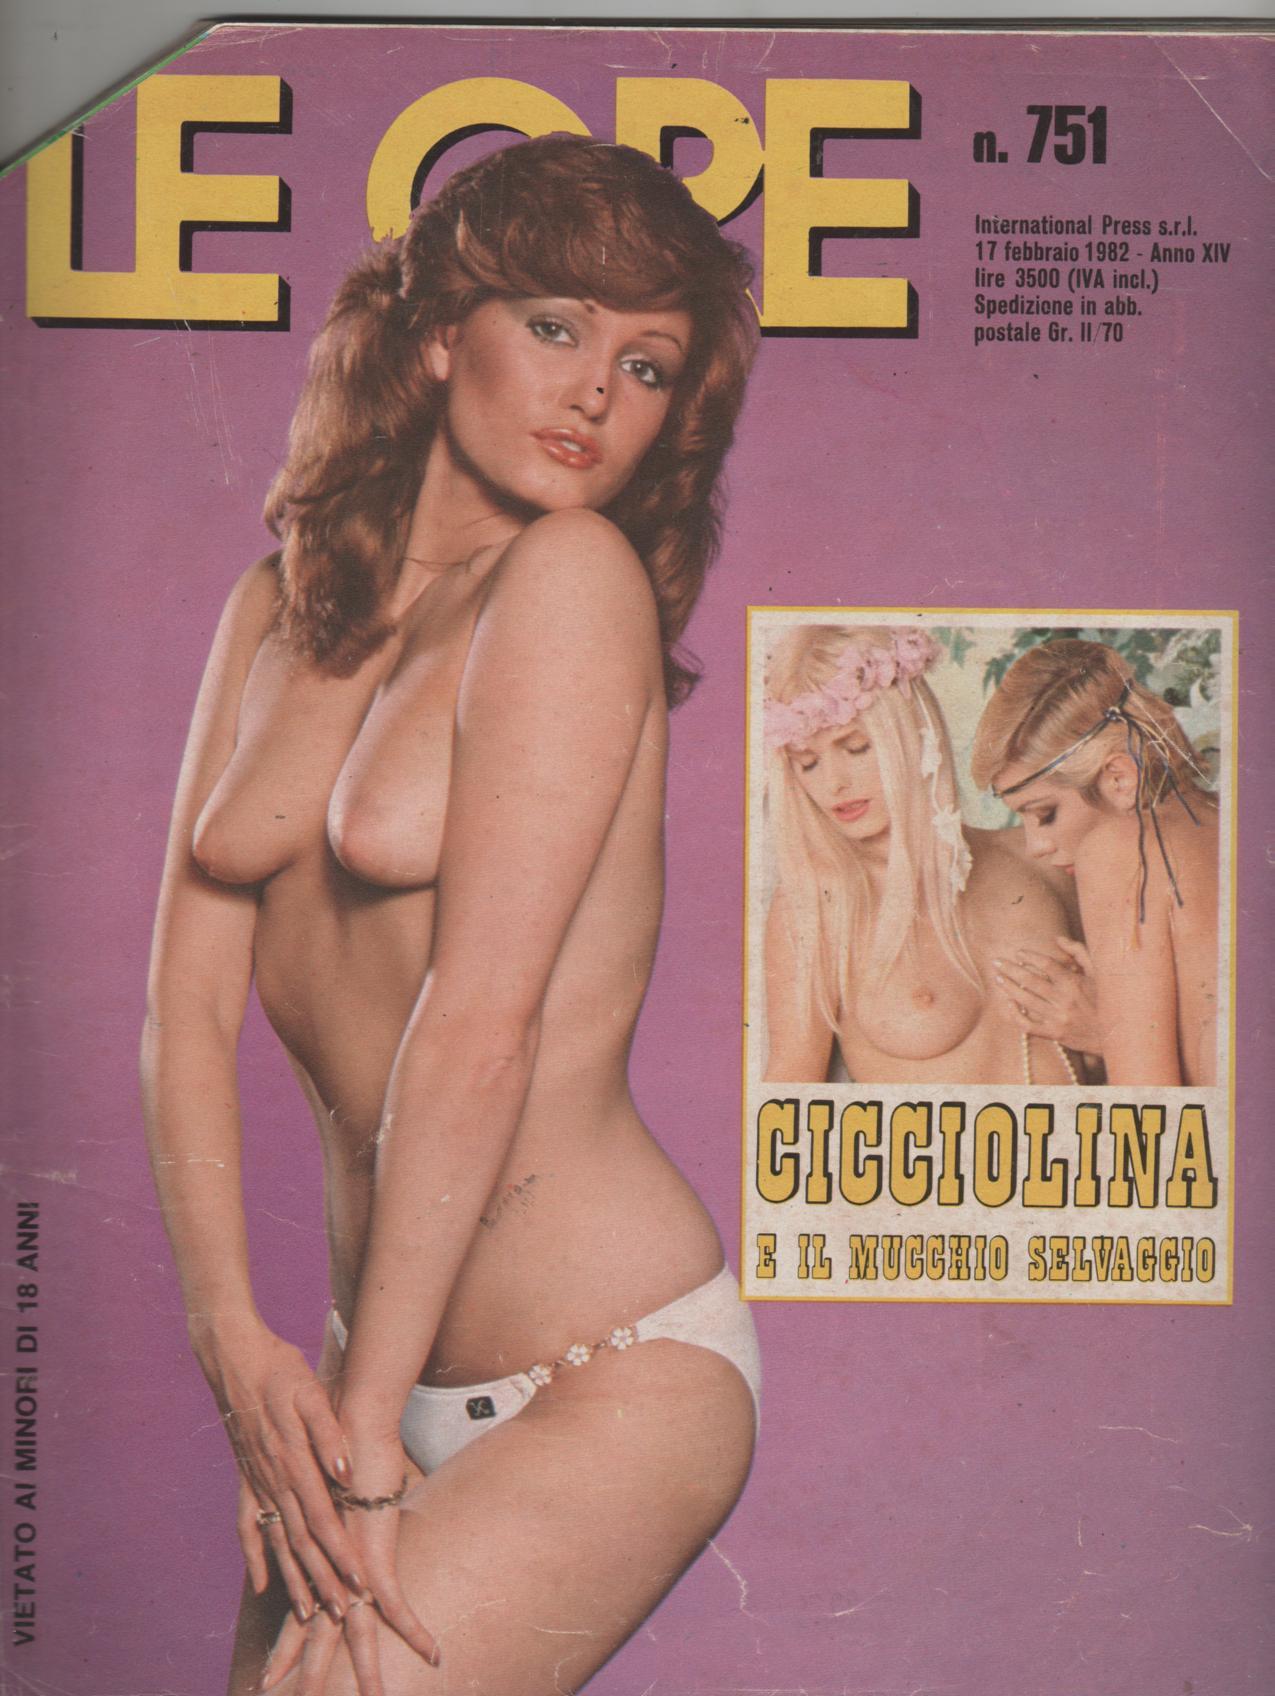 LE ORE # 751 / 1982  CICCIOLINA e IL MUCCHIO SELVAGGIO